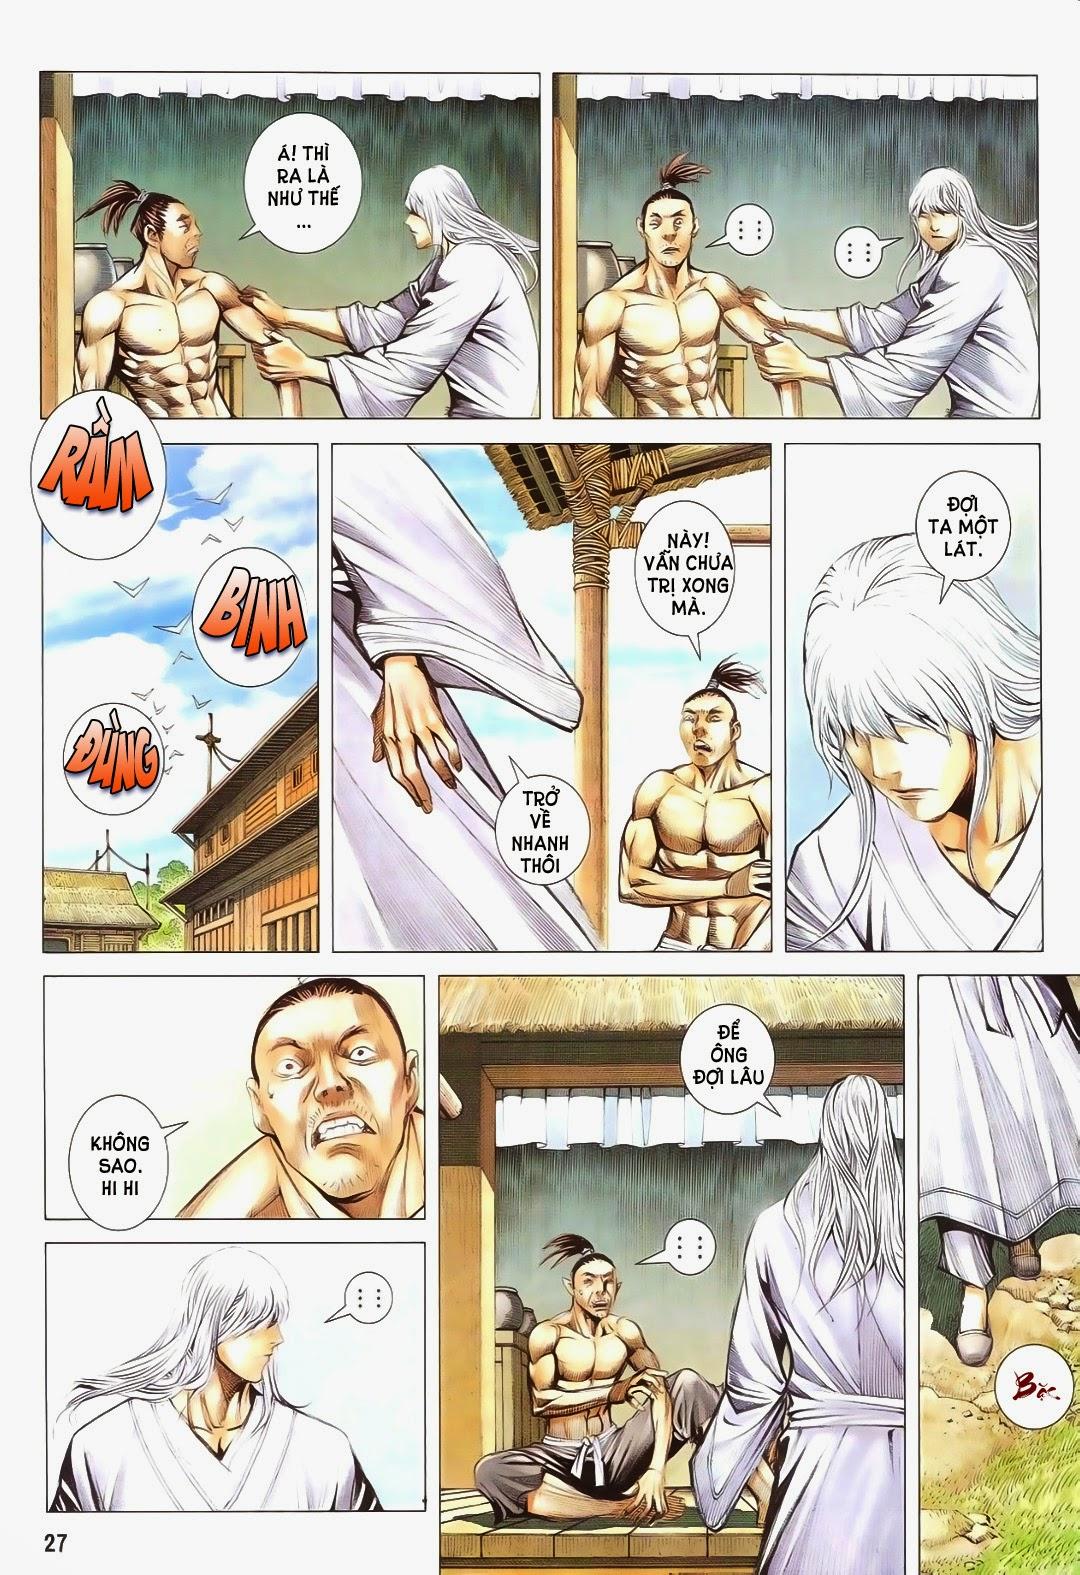 Phong Thần Ký chap 181 - Trang 25